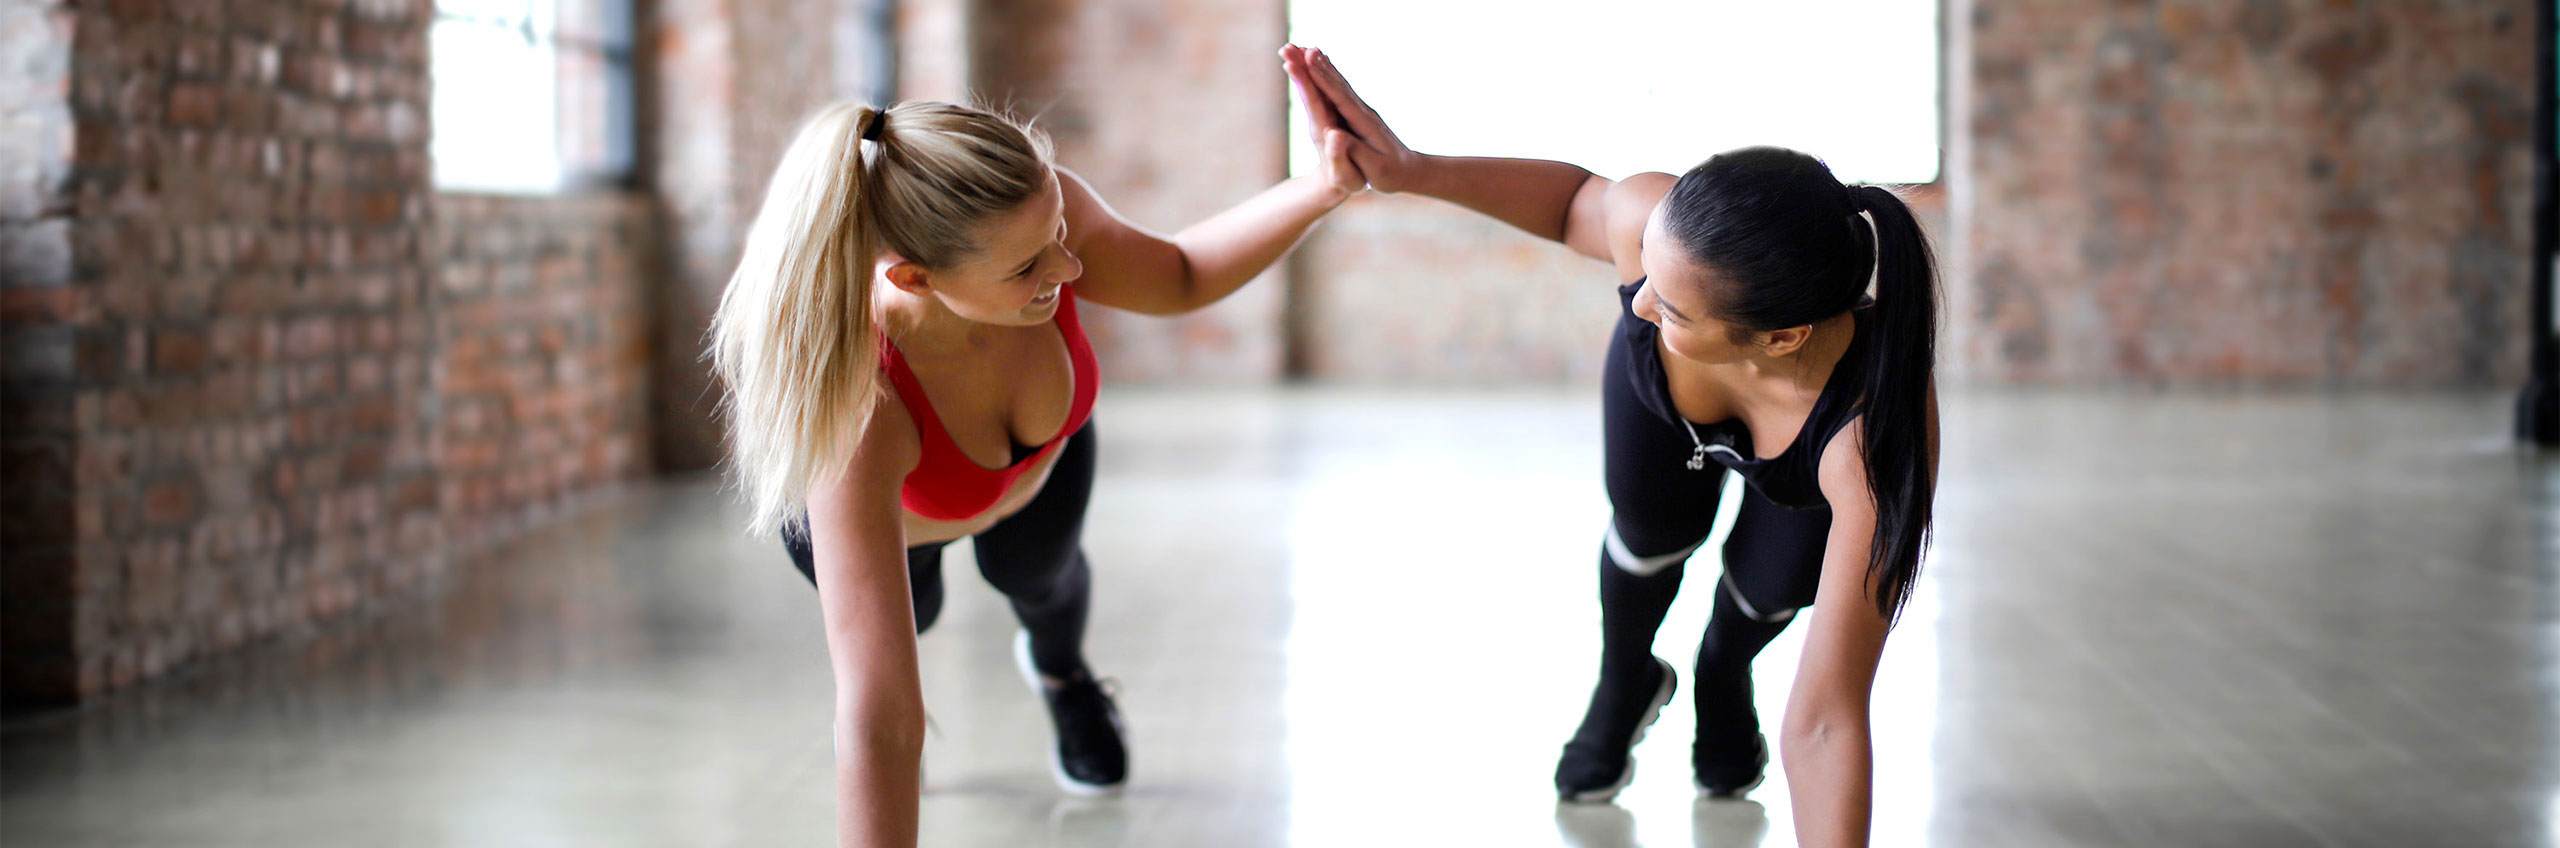 дамско спортно облекло върху спортуващи в зала момичета